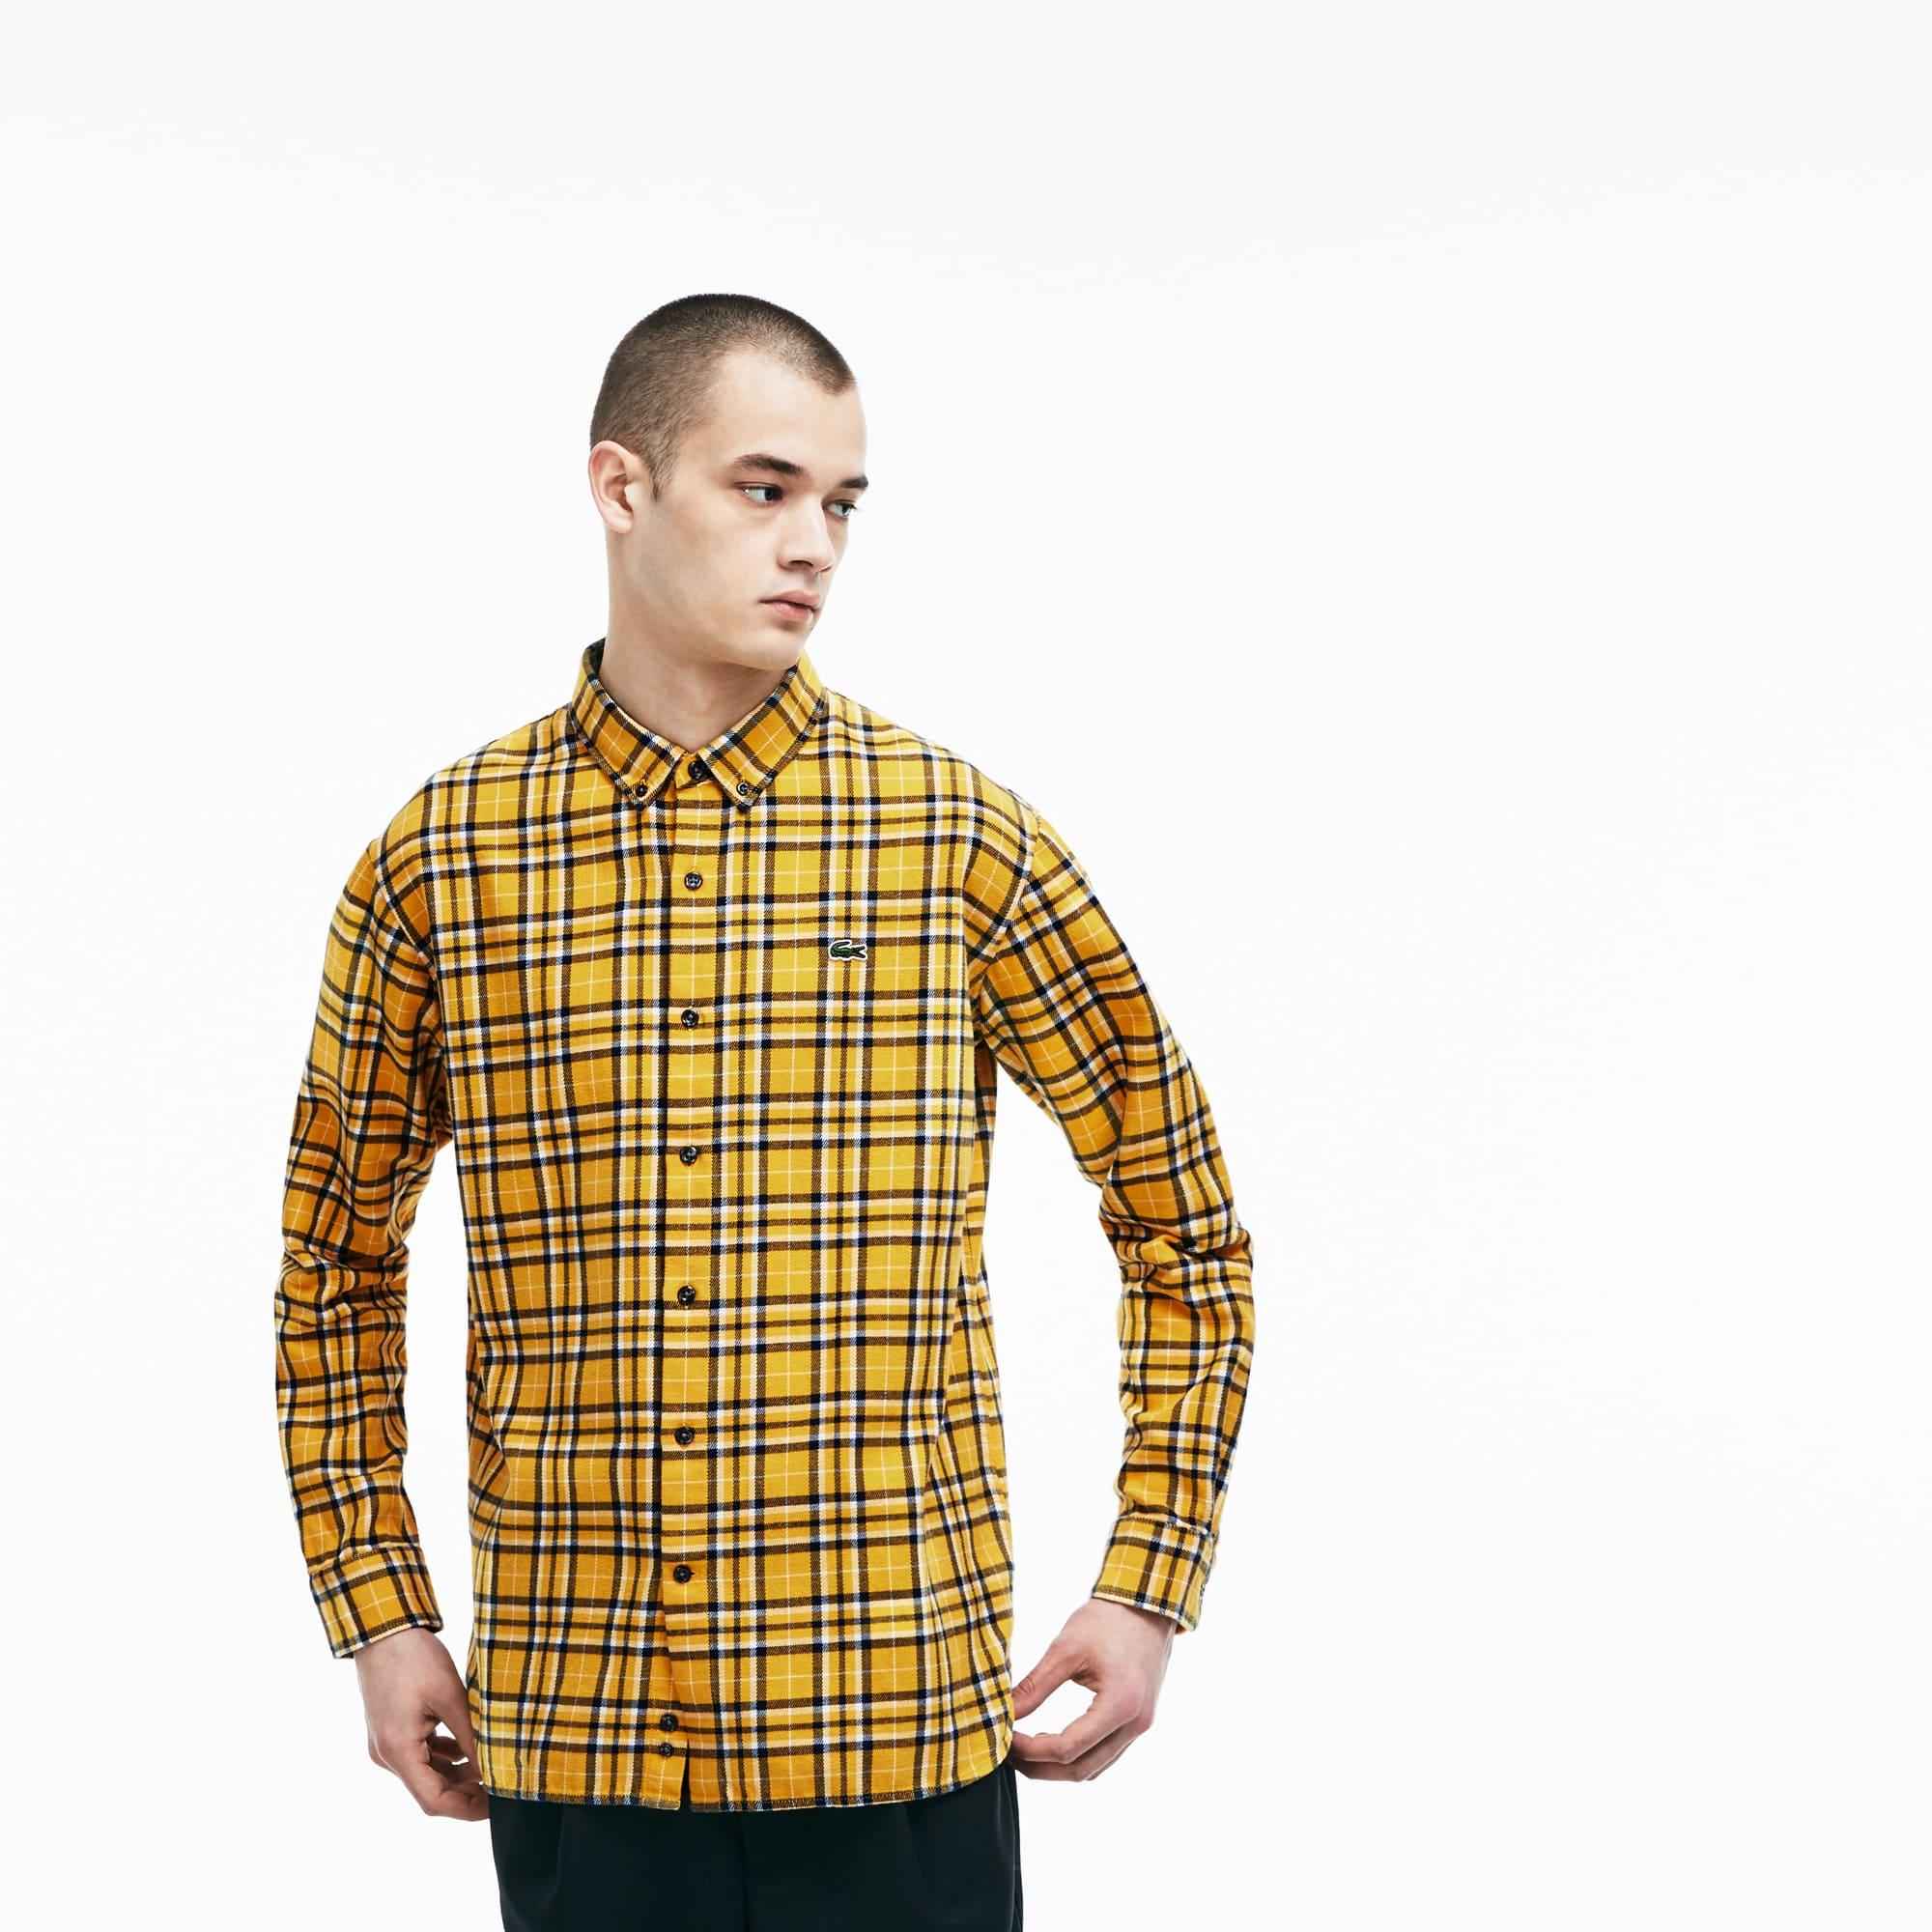 Camisa boxy fit Lacoste LIVE em flanela de algodão aos quadrados